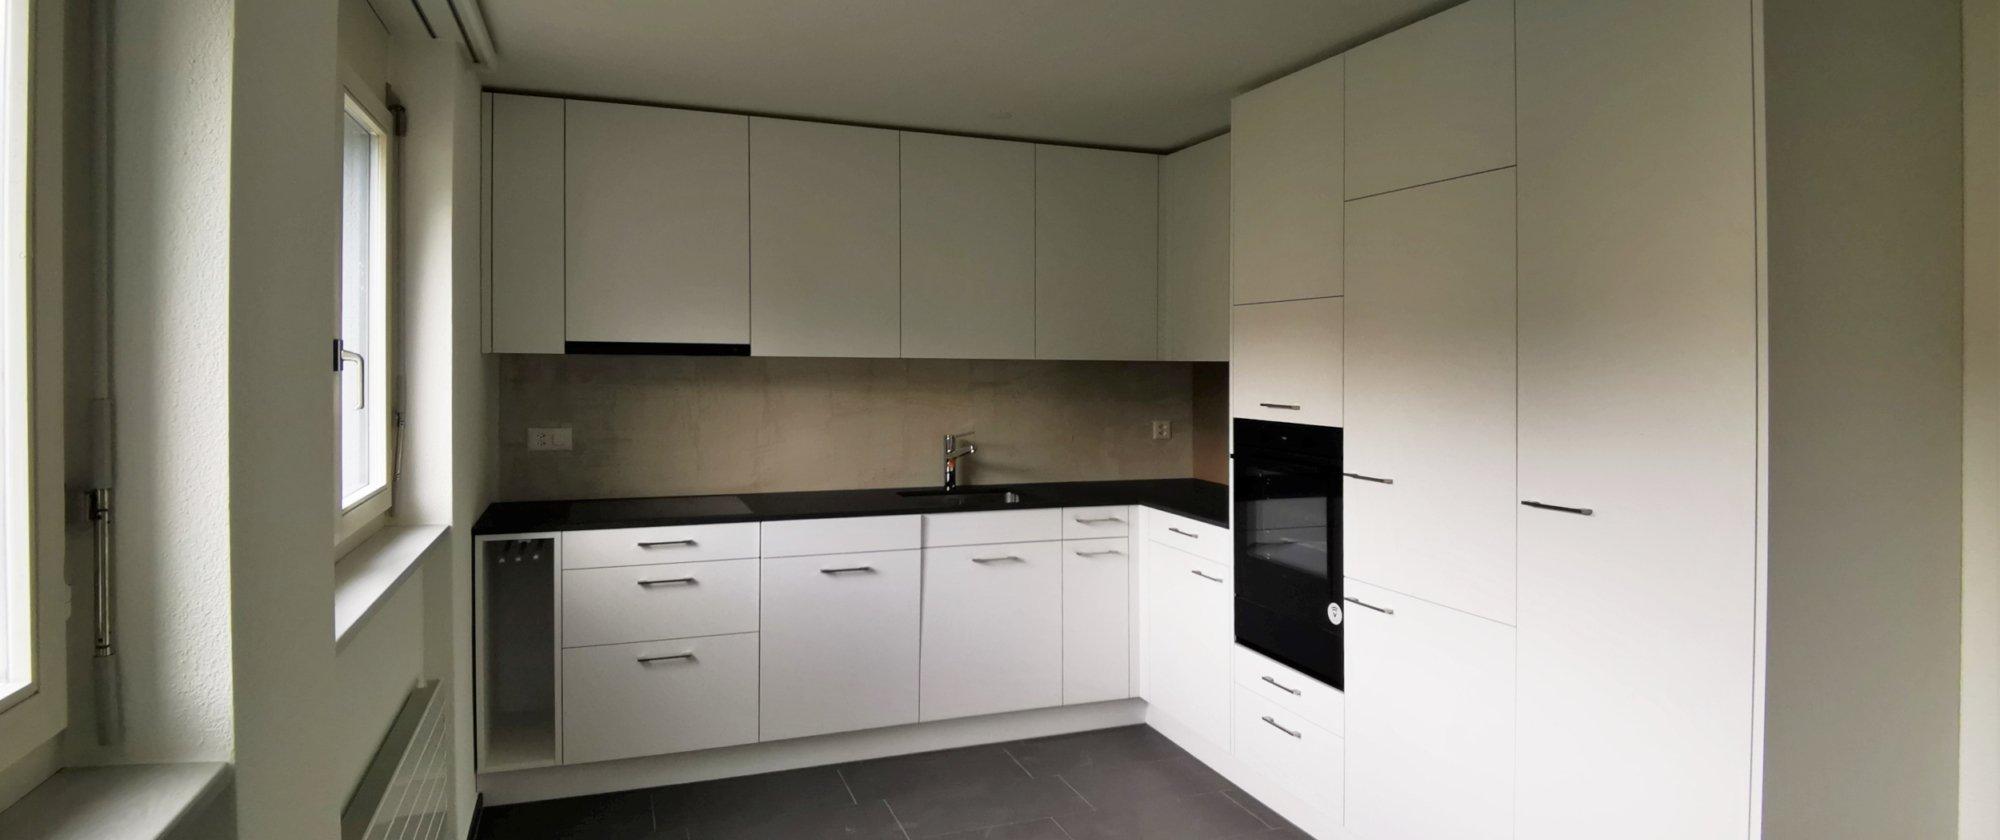 die neue Küche nach dem Umbau